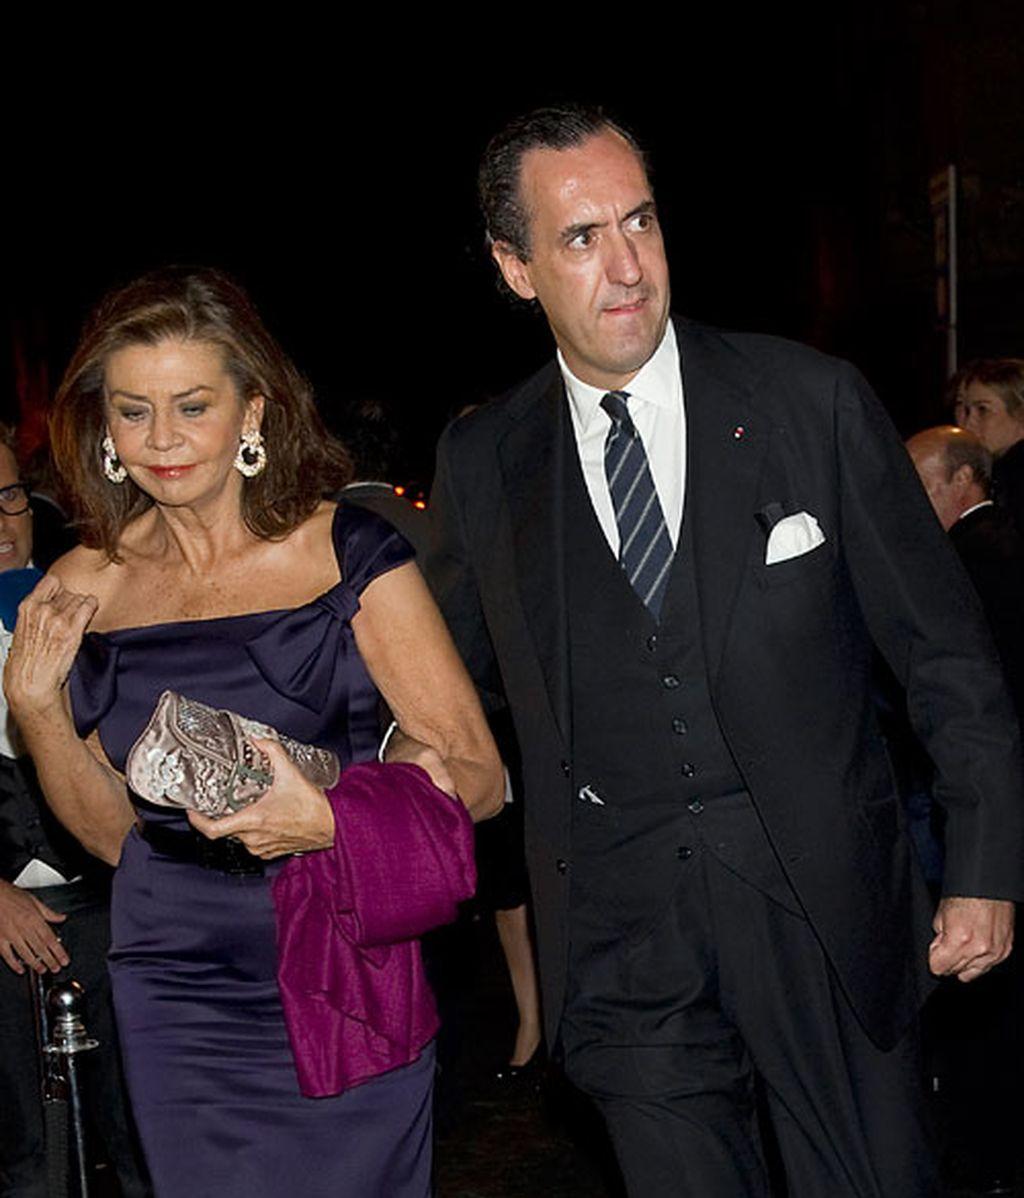 La vuelta de Martín Rivas, el escote de Blanca Suárez y el modelazo de Amelia Bono